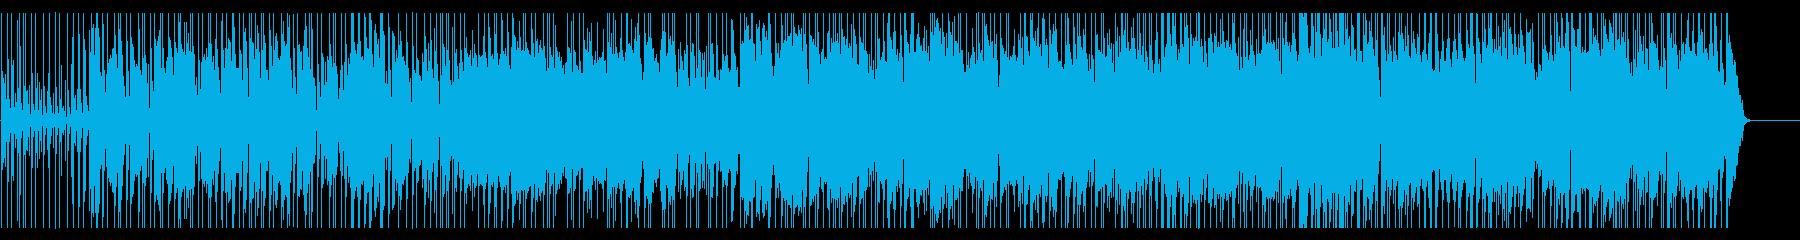 鍵盤ハーモニカの軽快で楽しいポップスの再生済みの波形